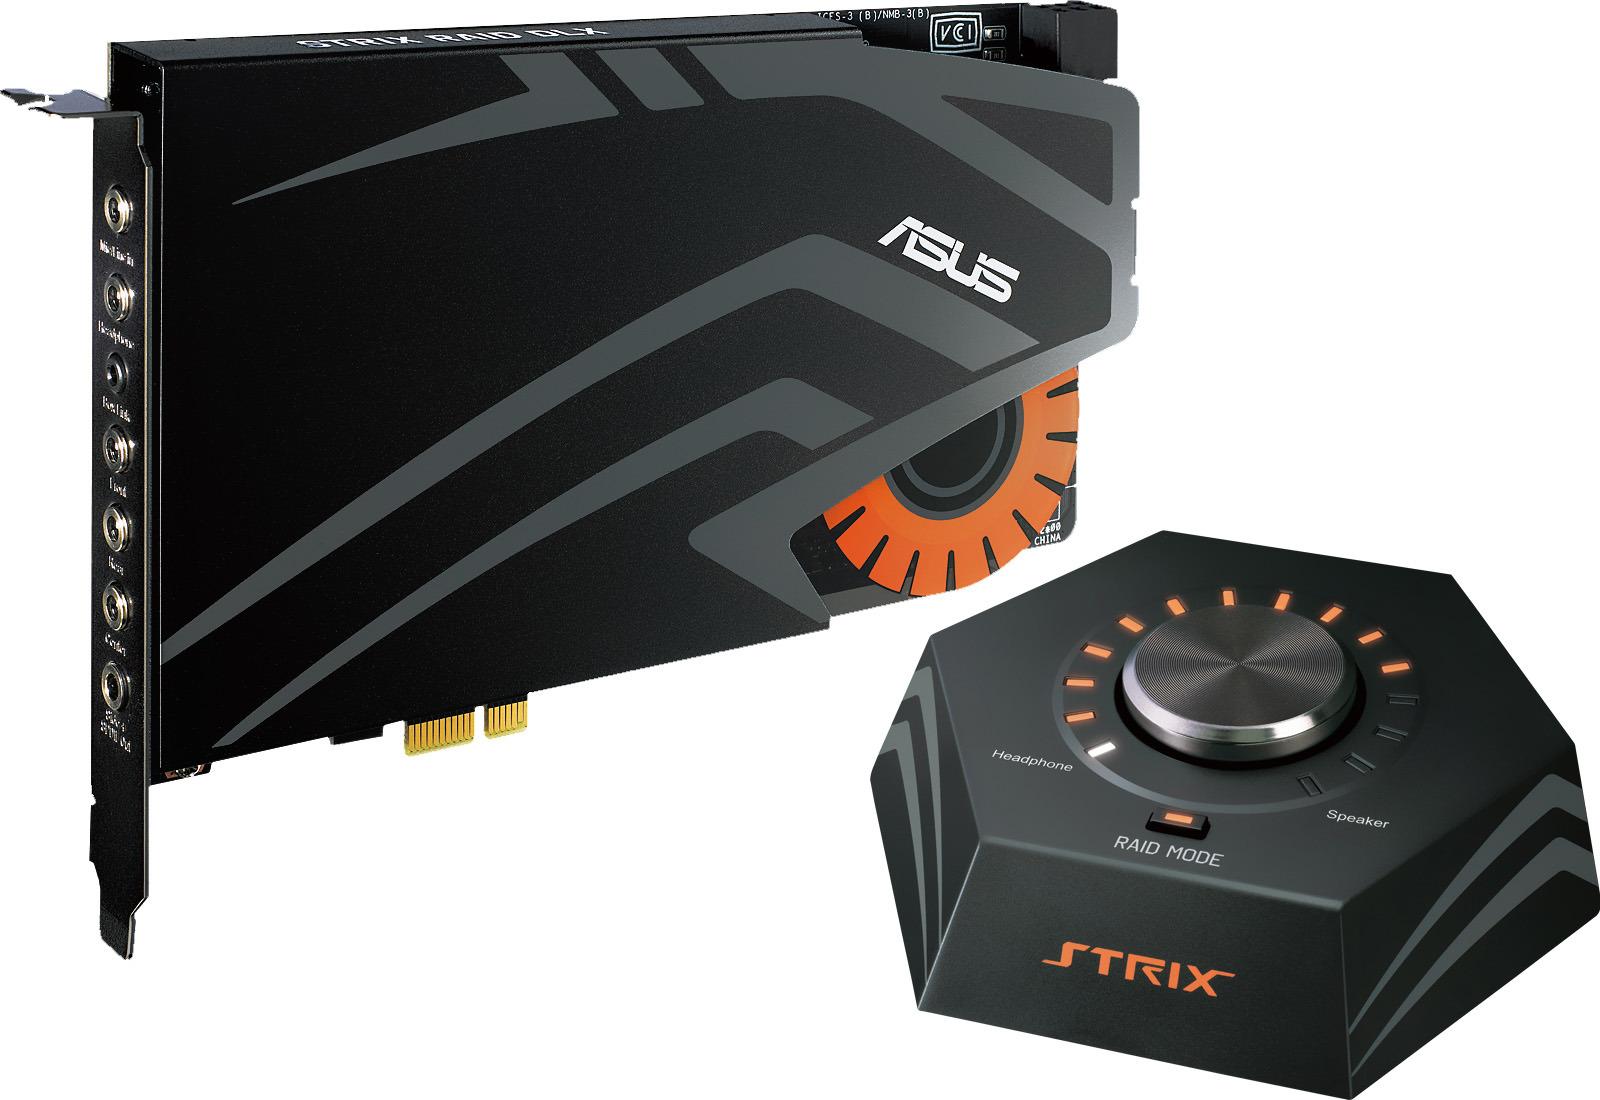 Звуковая карта ASUS Strix Raid Pro (C-Media 6632AX), STRIX RAID PRO наушники asus strix pro черно красные